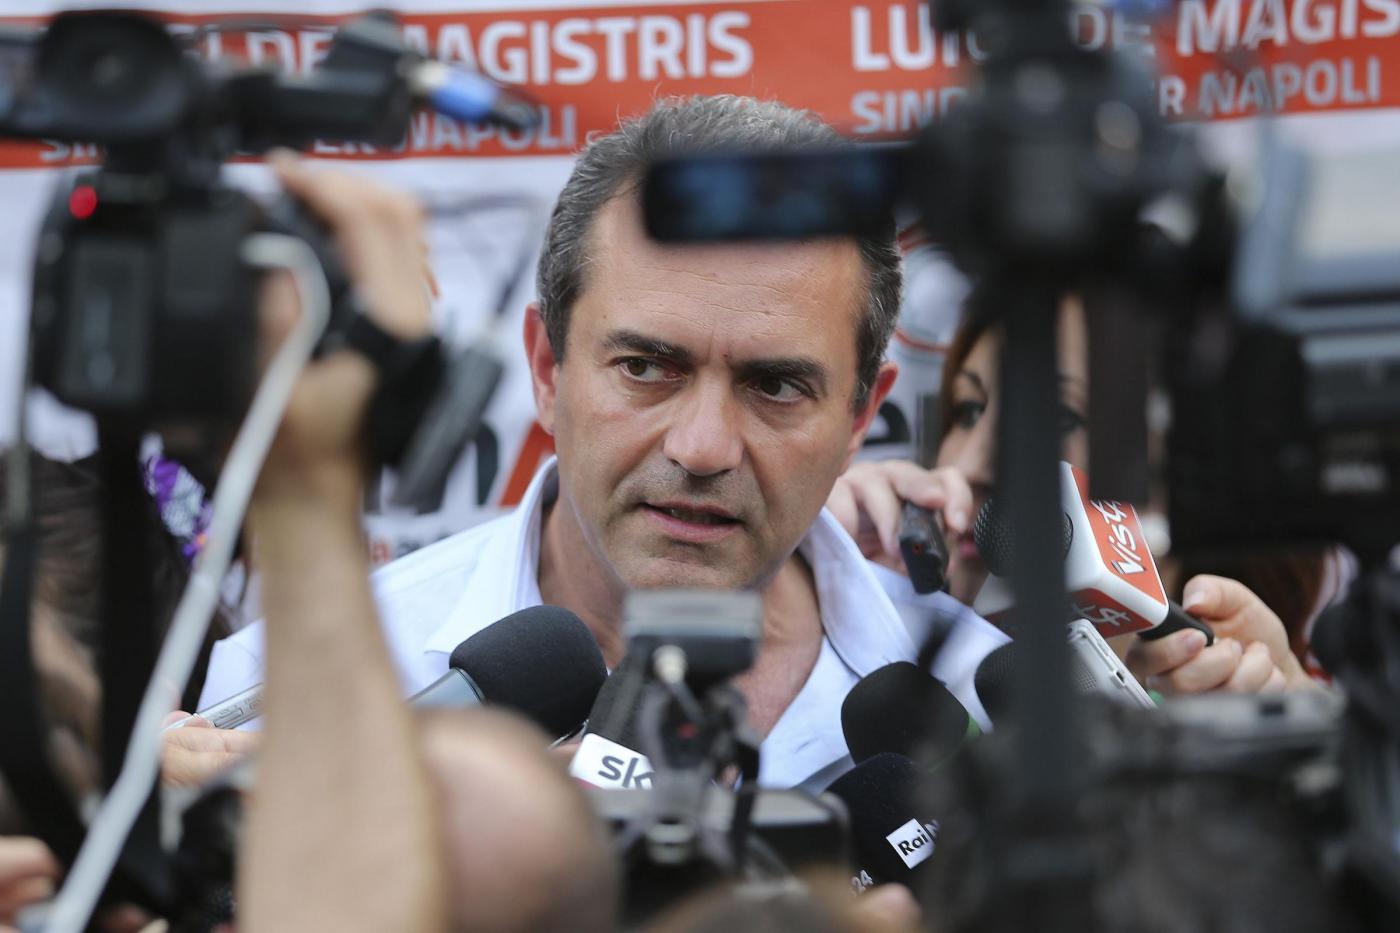 Giunta de Magistris: a Napoli possibile conferma degli assessori uscenti, resta il nodo dimissionari